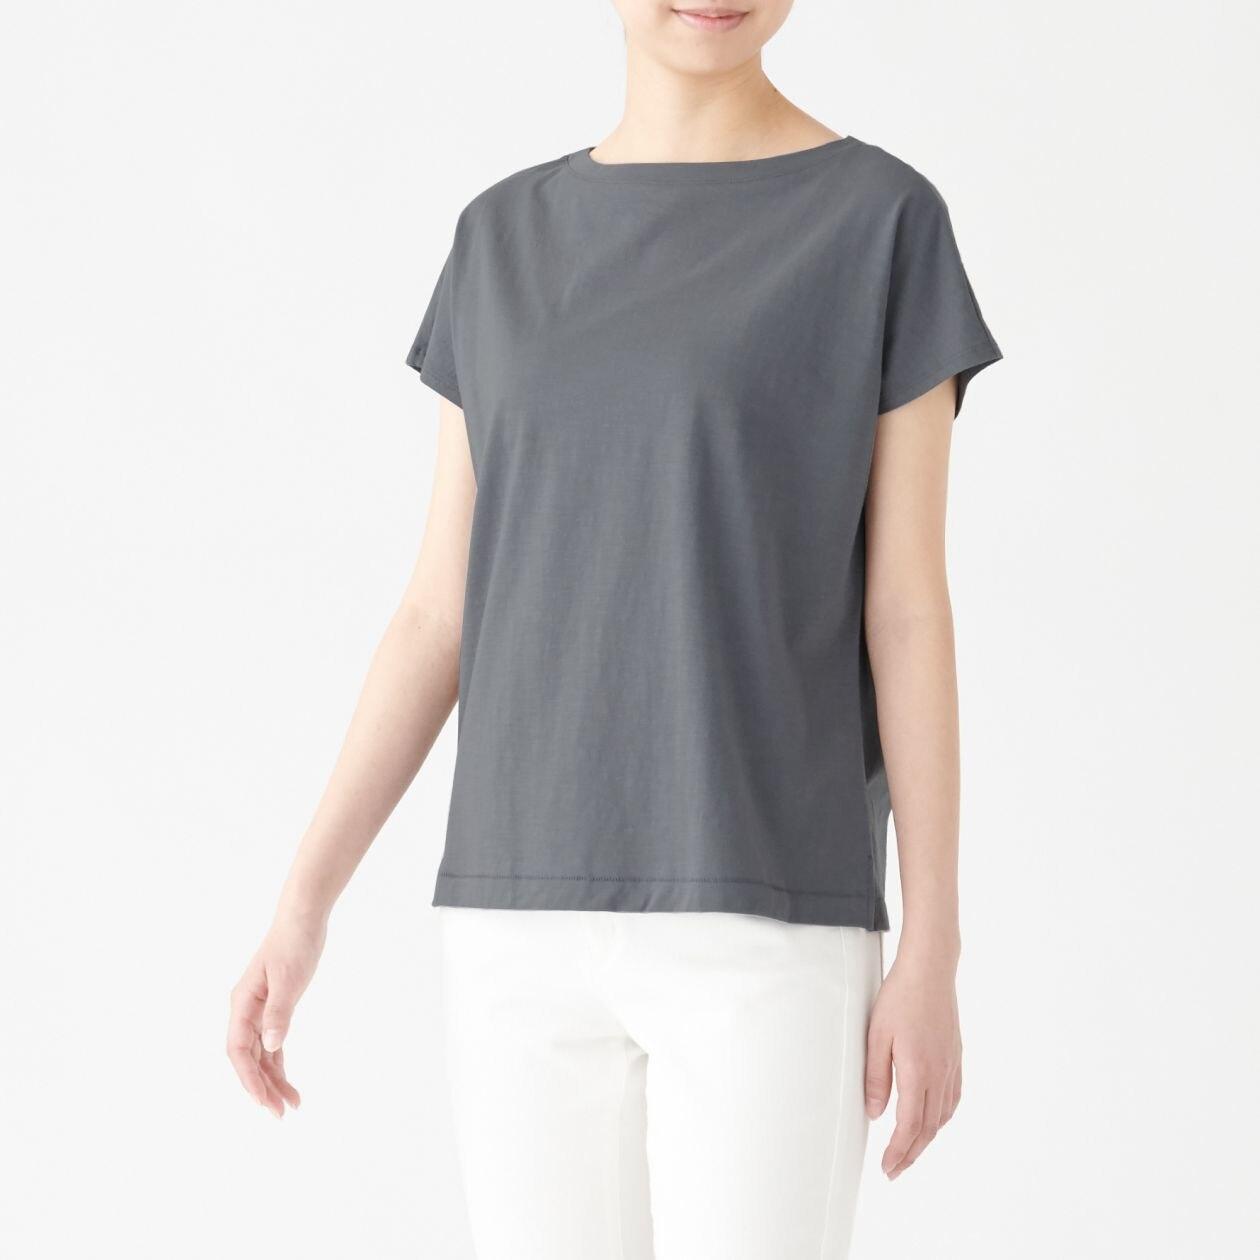 ムラ糸天竺編みフレンチスリーブTシャツ